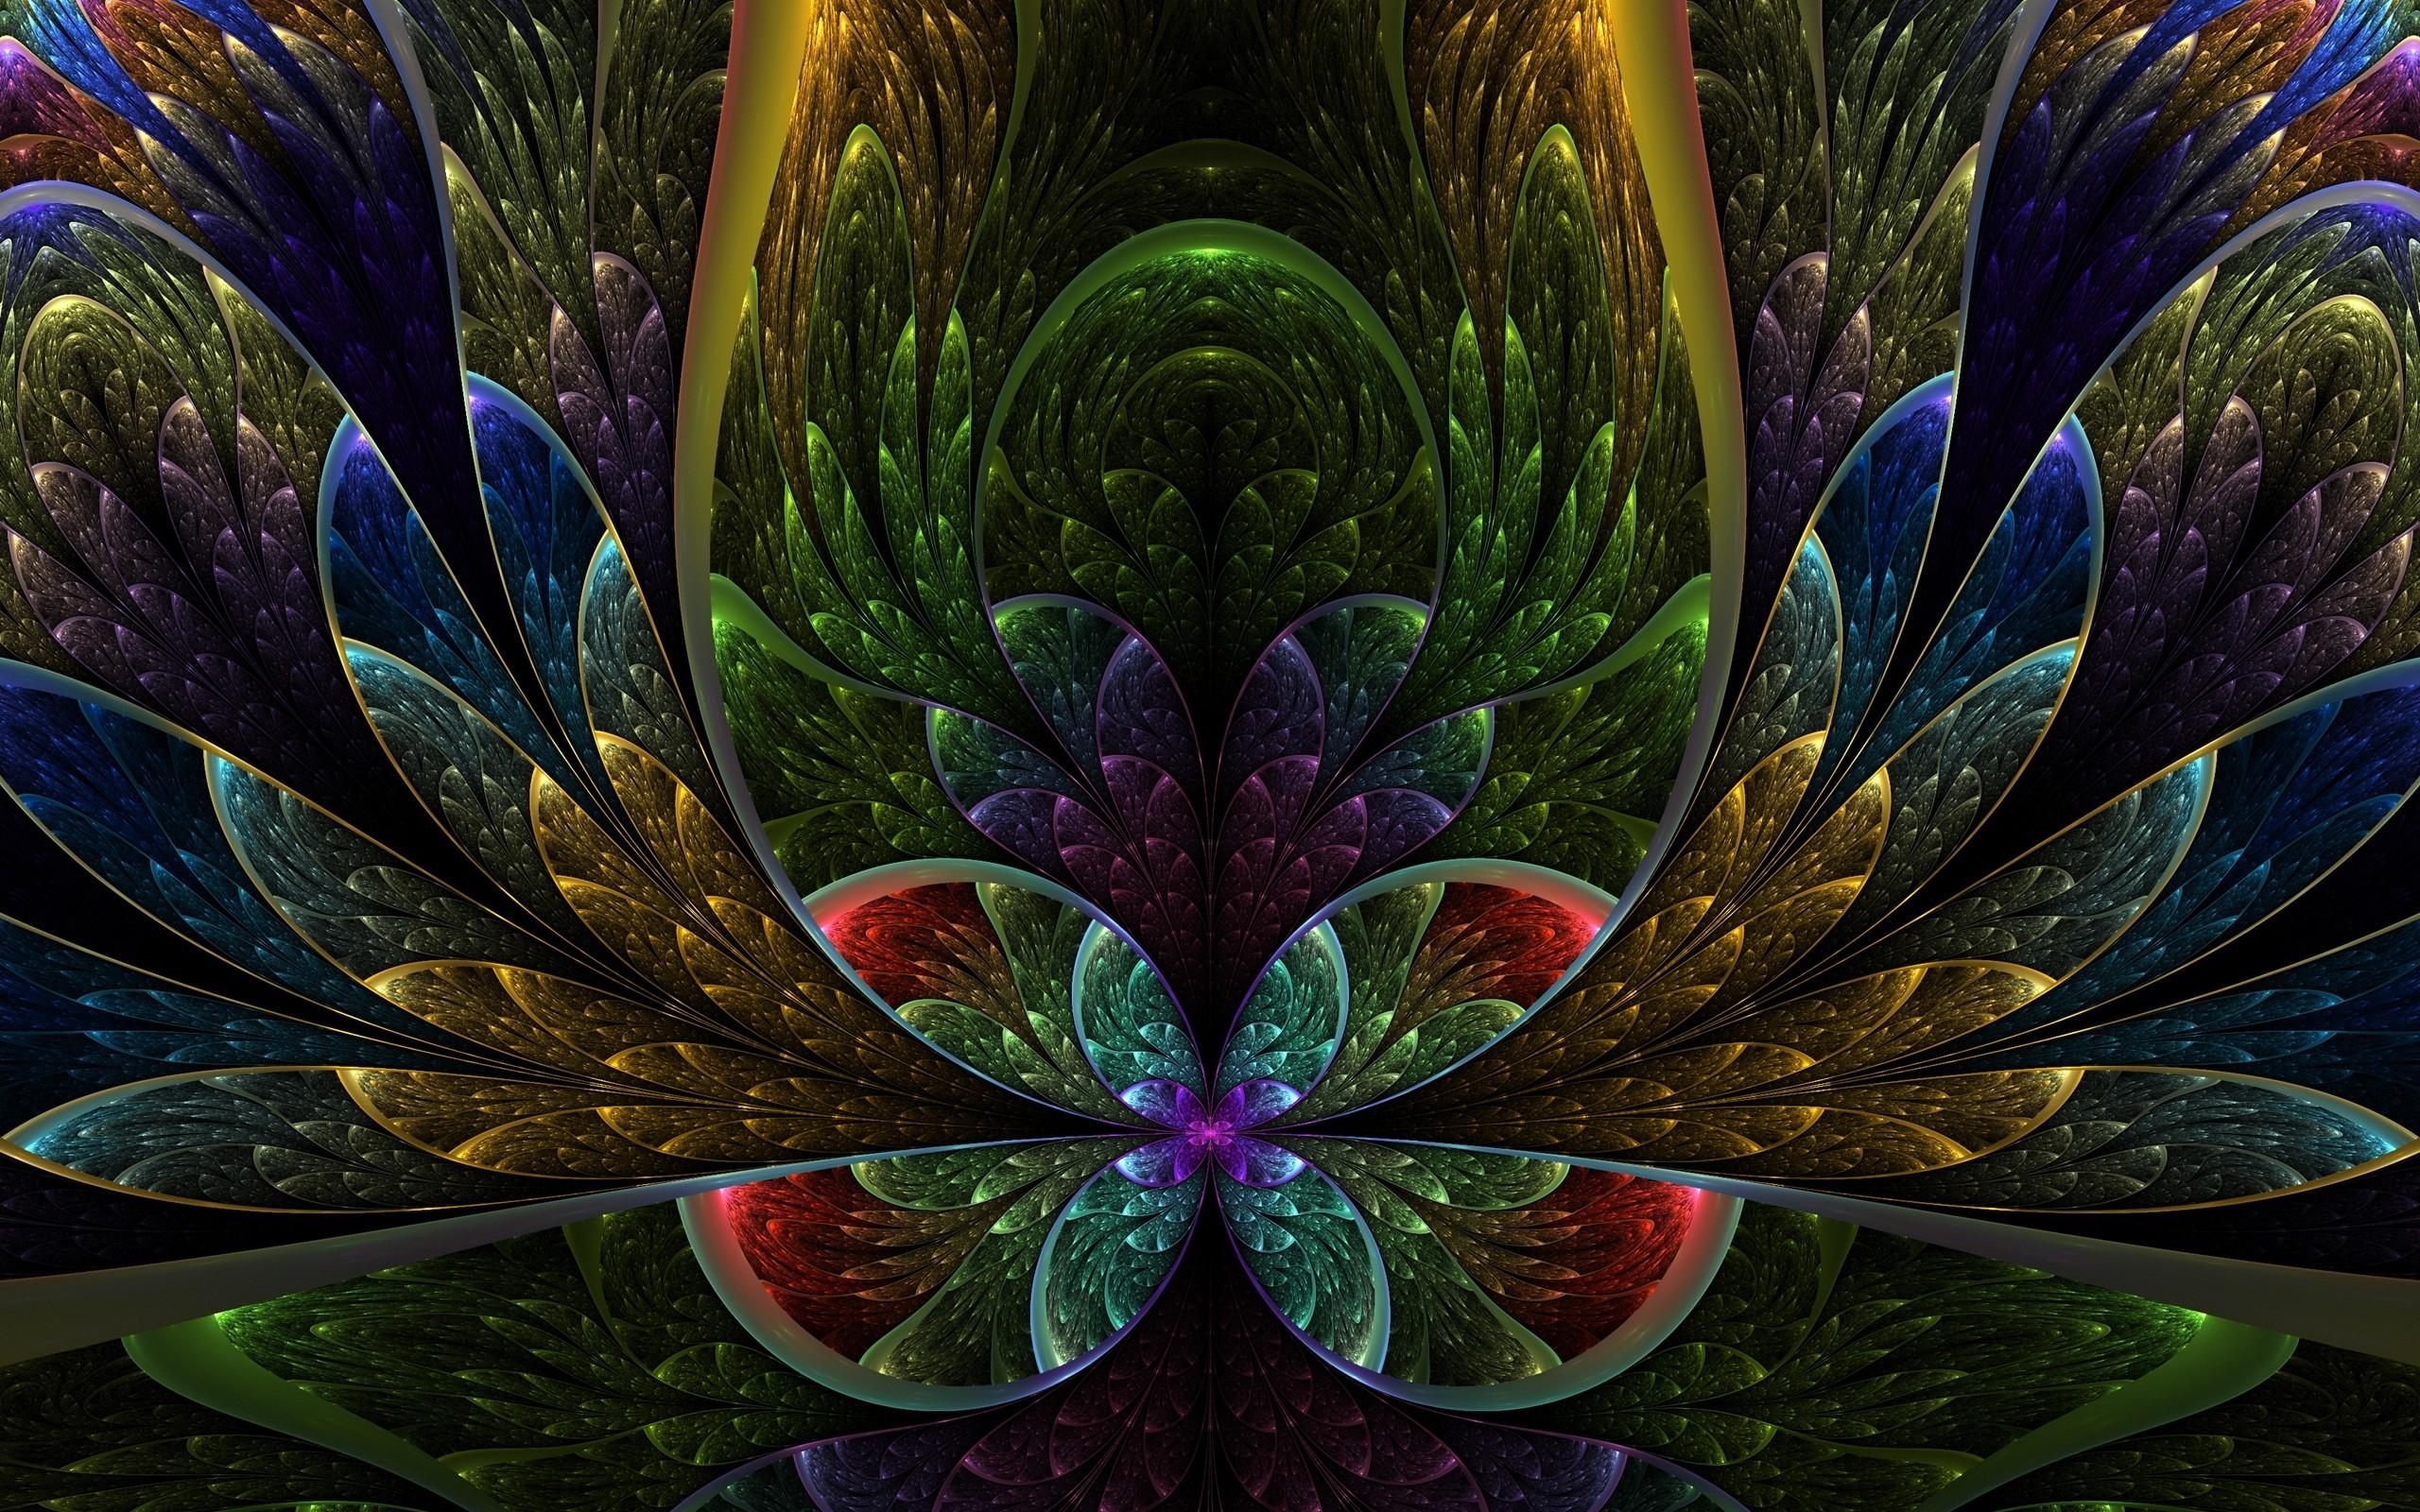 wallpaper.wiki-Fractal-HD-Photos-PIC-WPE007459